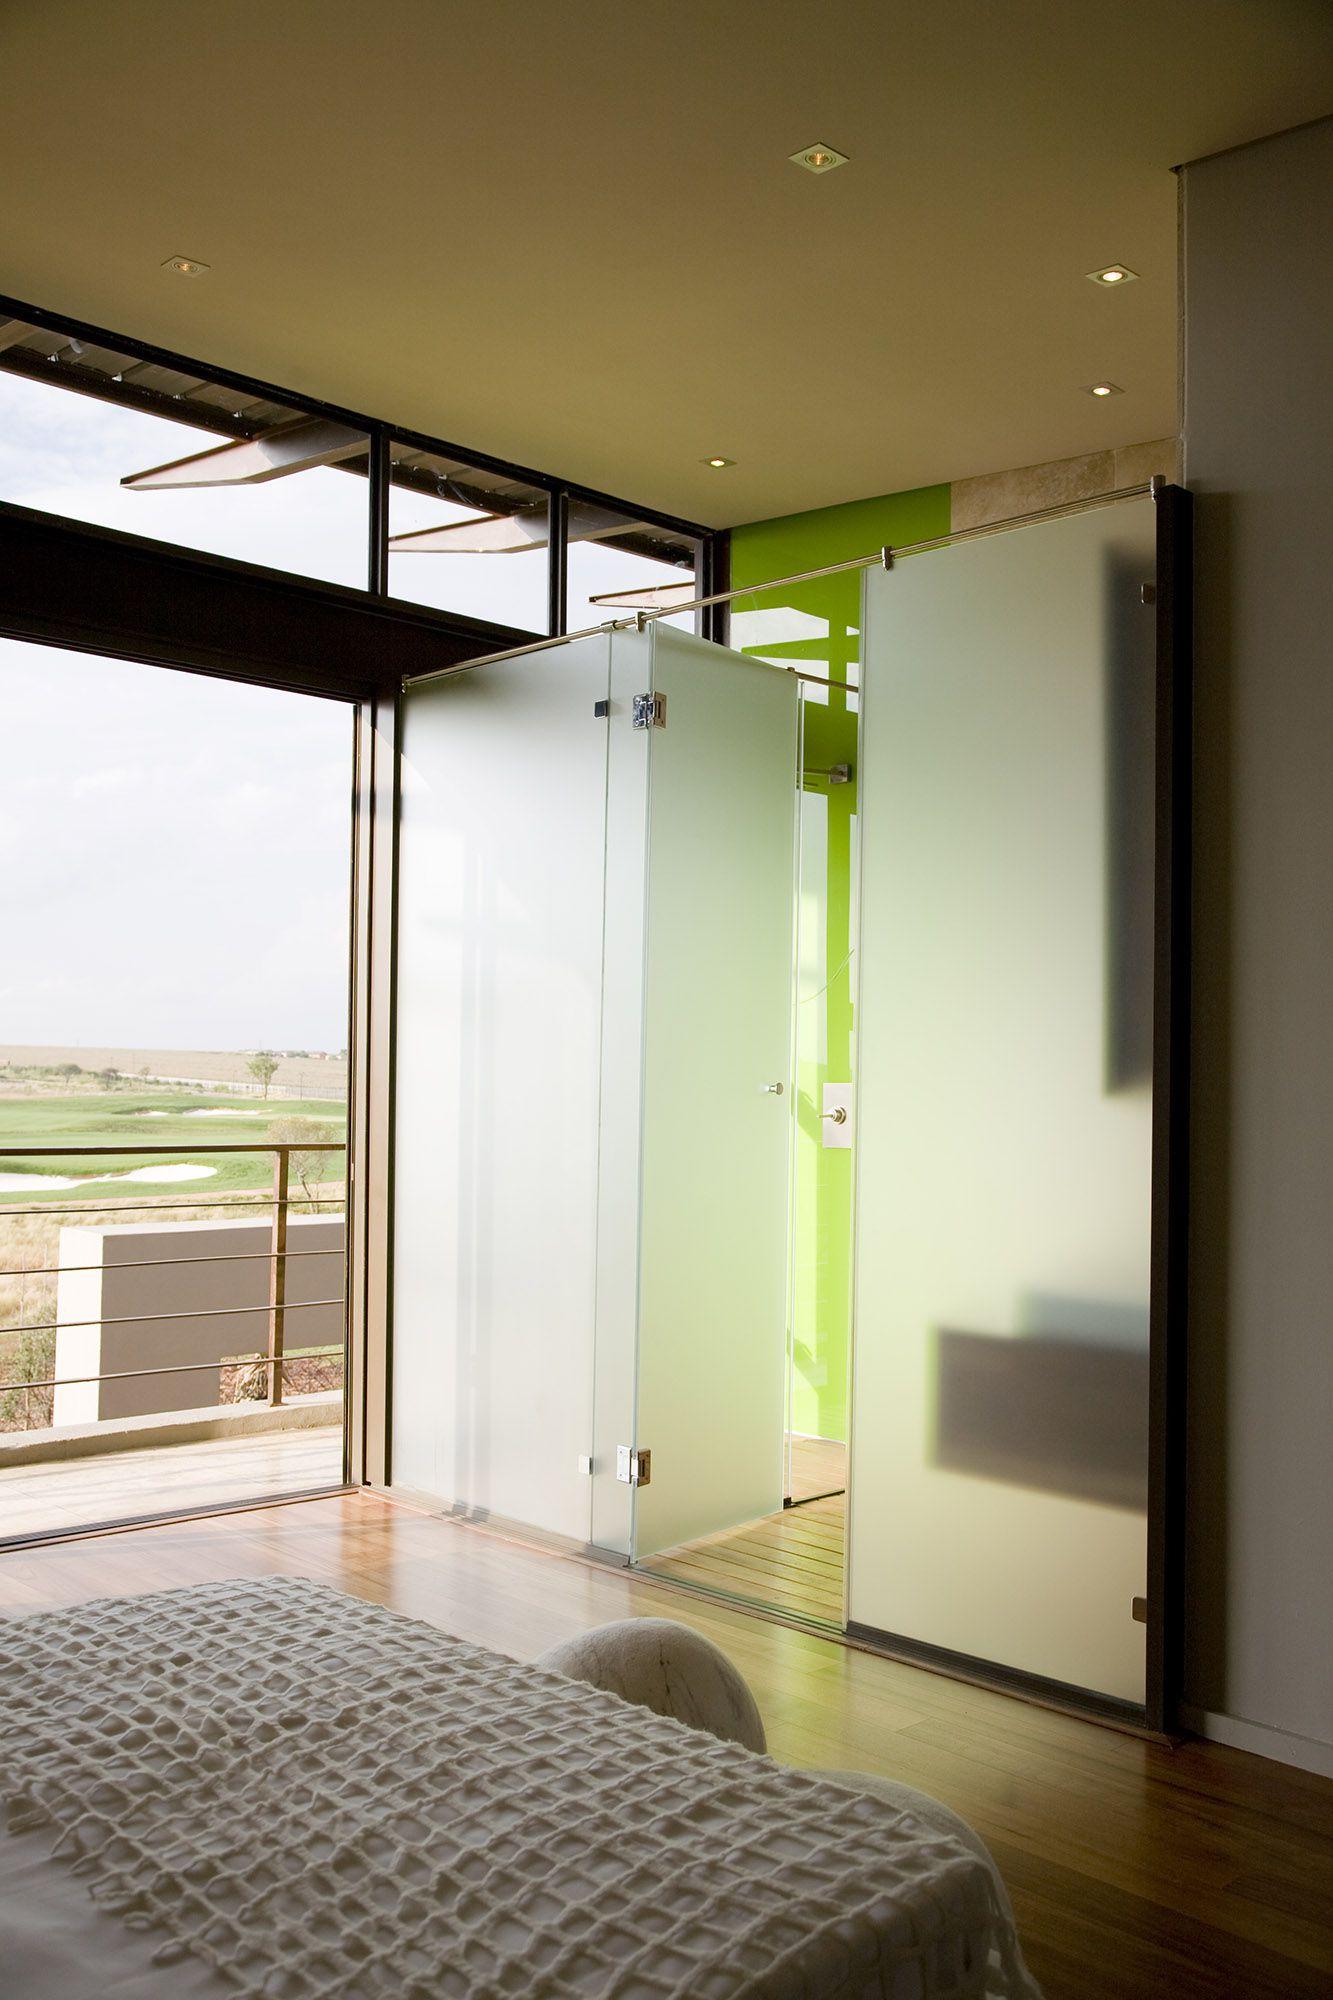 Serengeti Designed by Rudolph van der Meulen 199